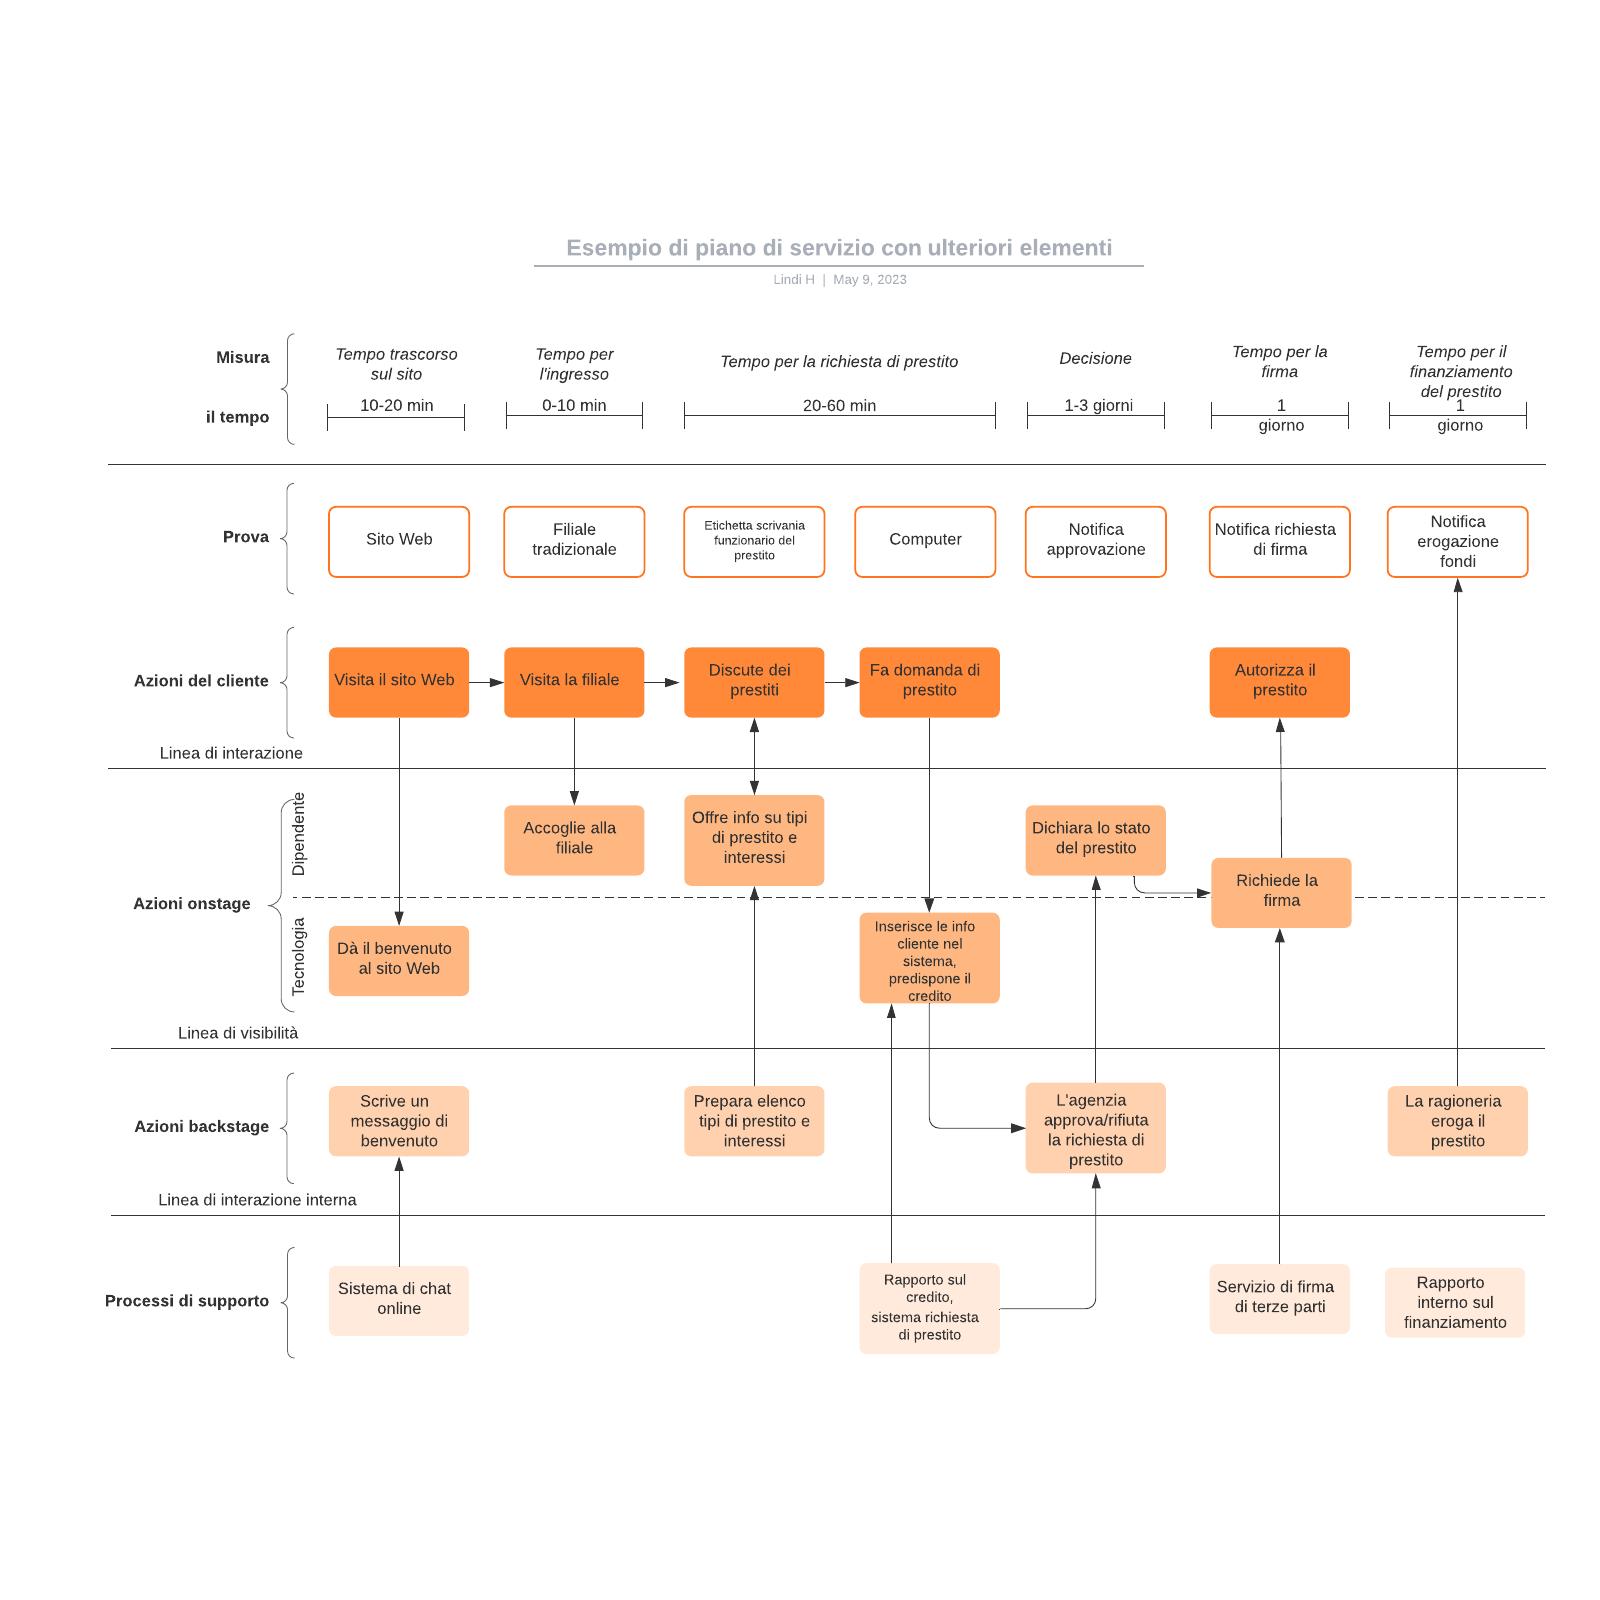 Esempio di piano di servizio con ulteriori elementi